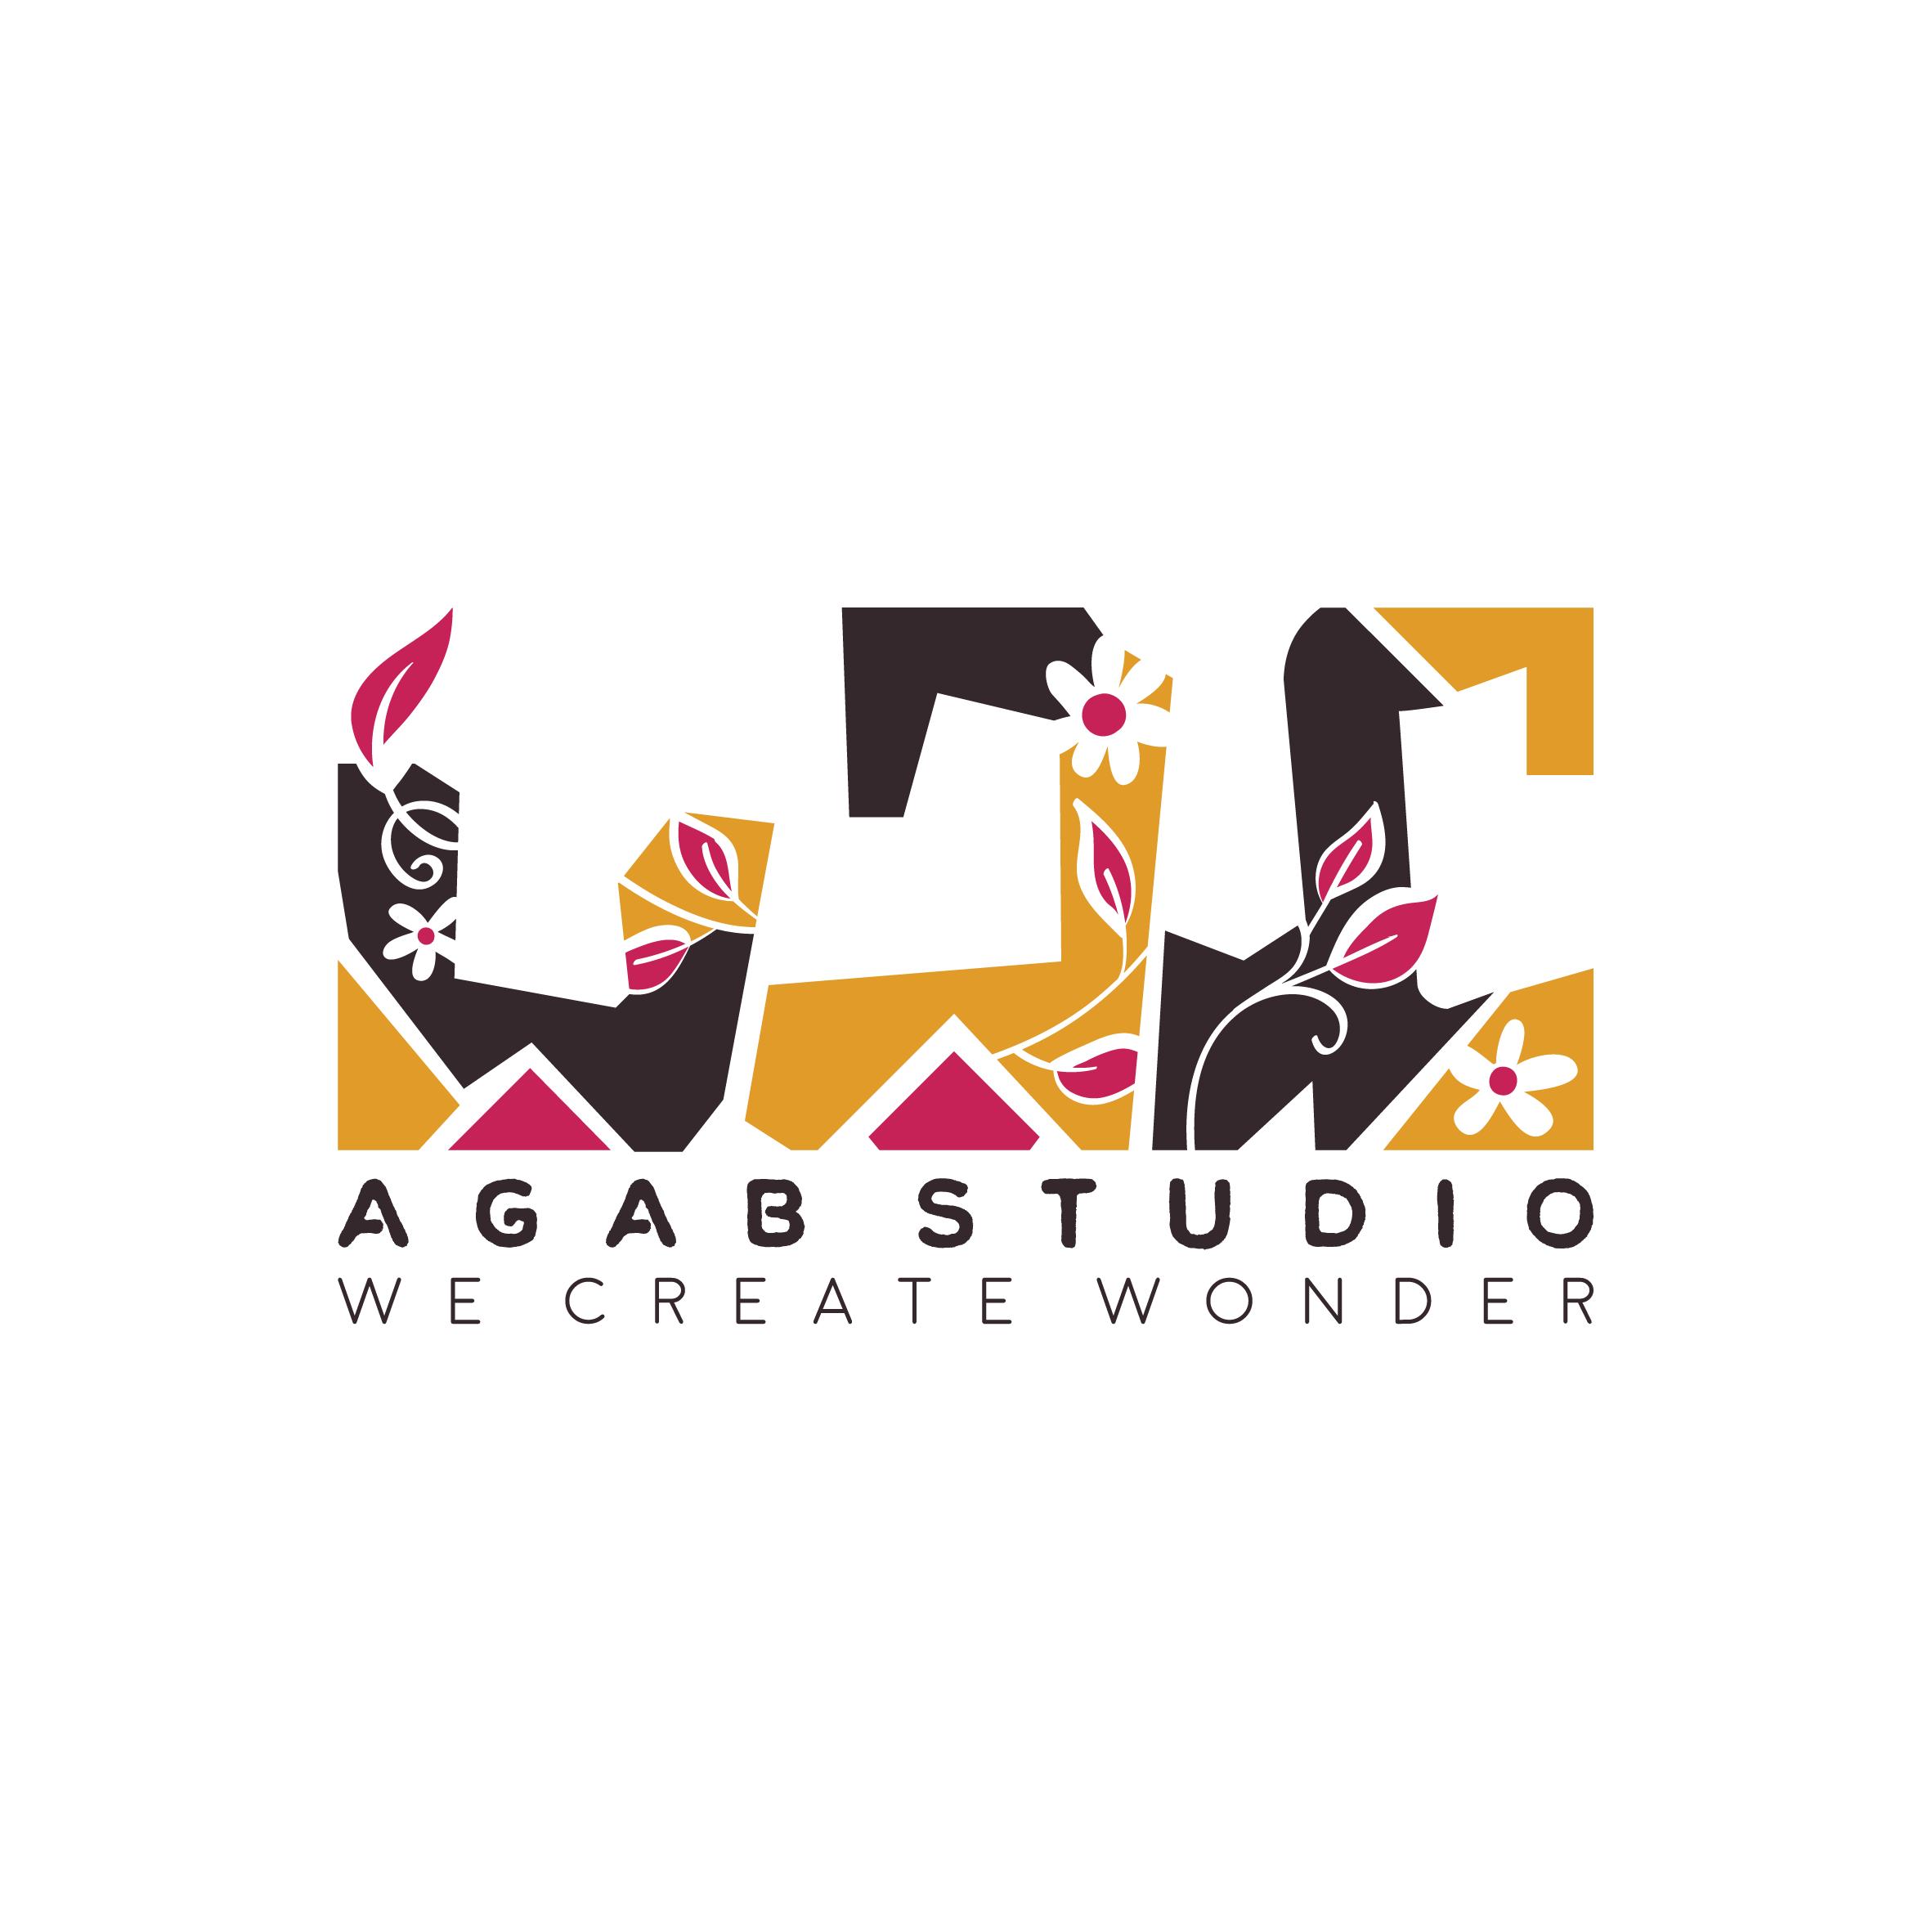 Agab Studio